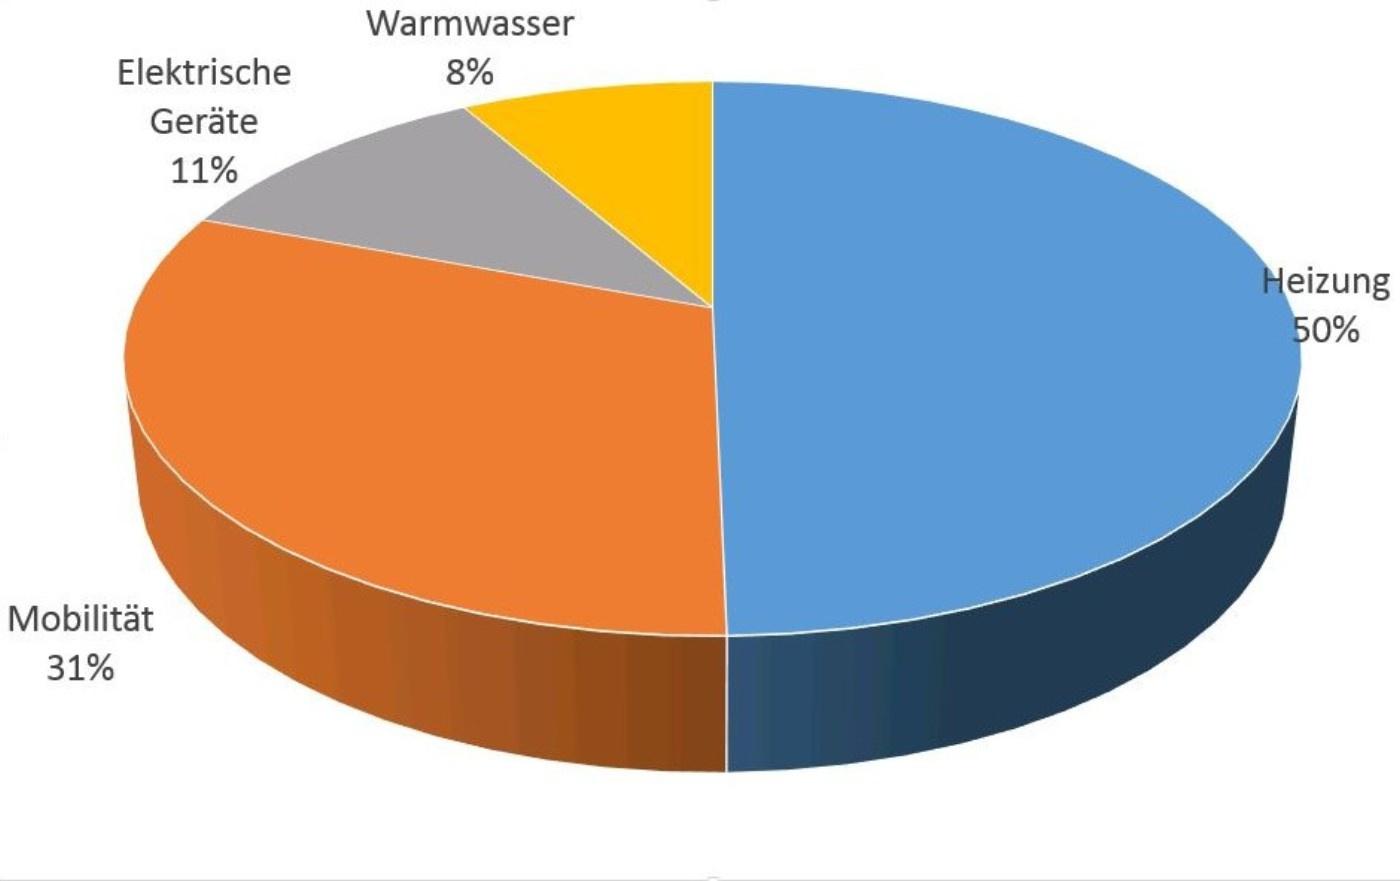 Energienutzung in Haushalten